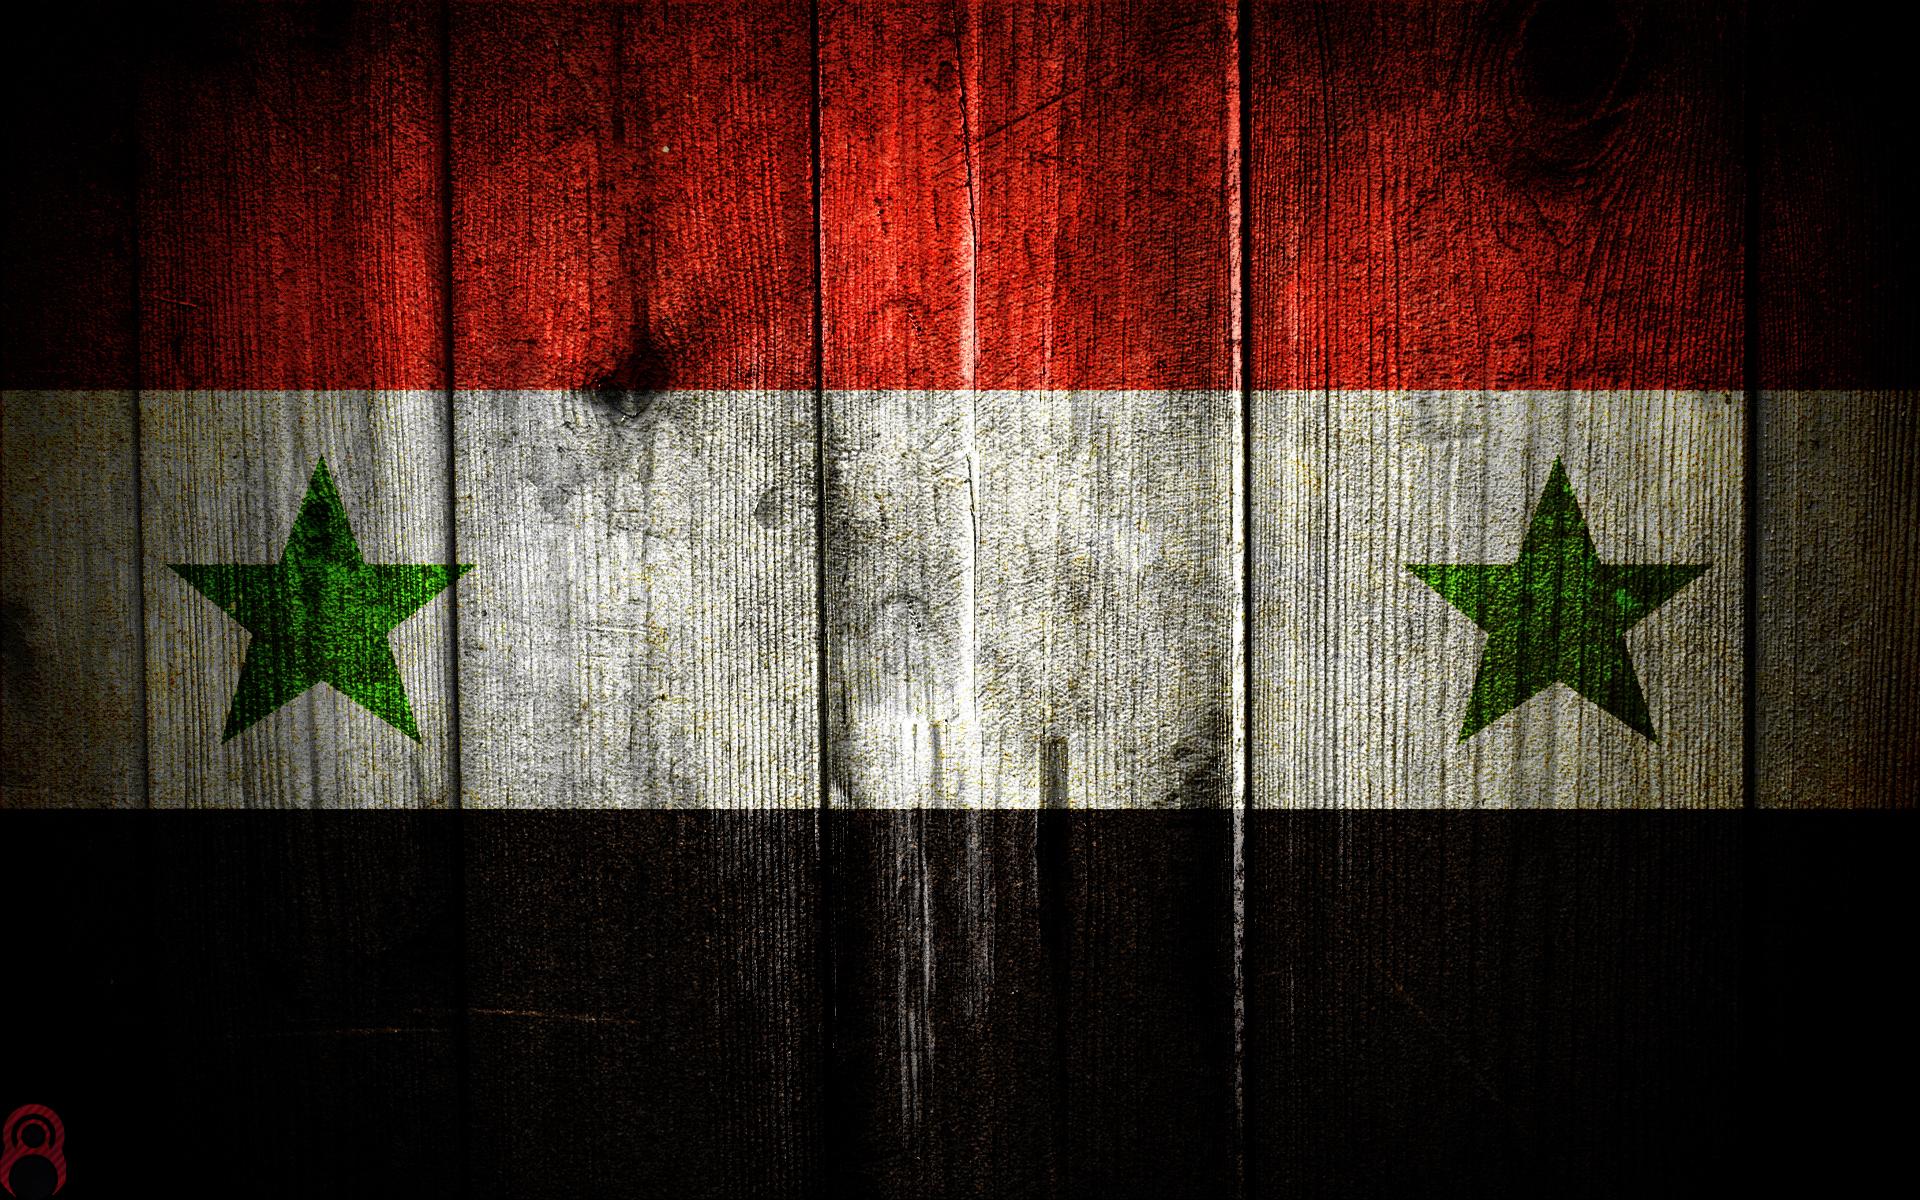 6 χρόνια πόλεμος στην Συρία. Υποκρισία, προπαγάνδα και πολιτική καθαγιασμού της Δύσης.